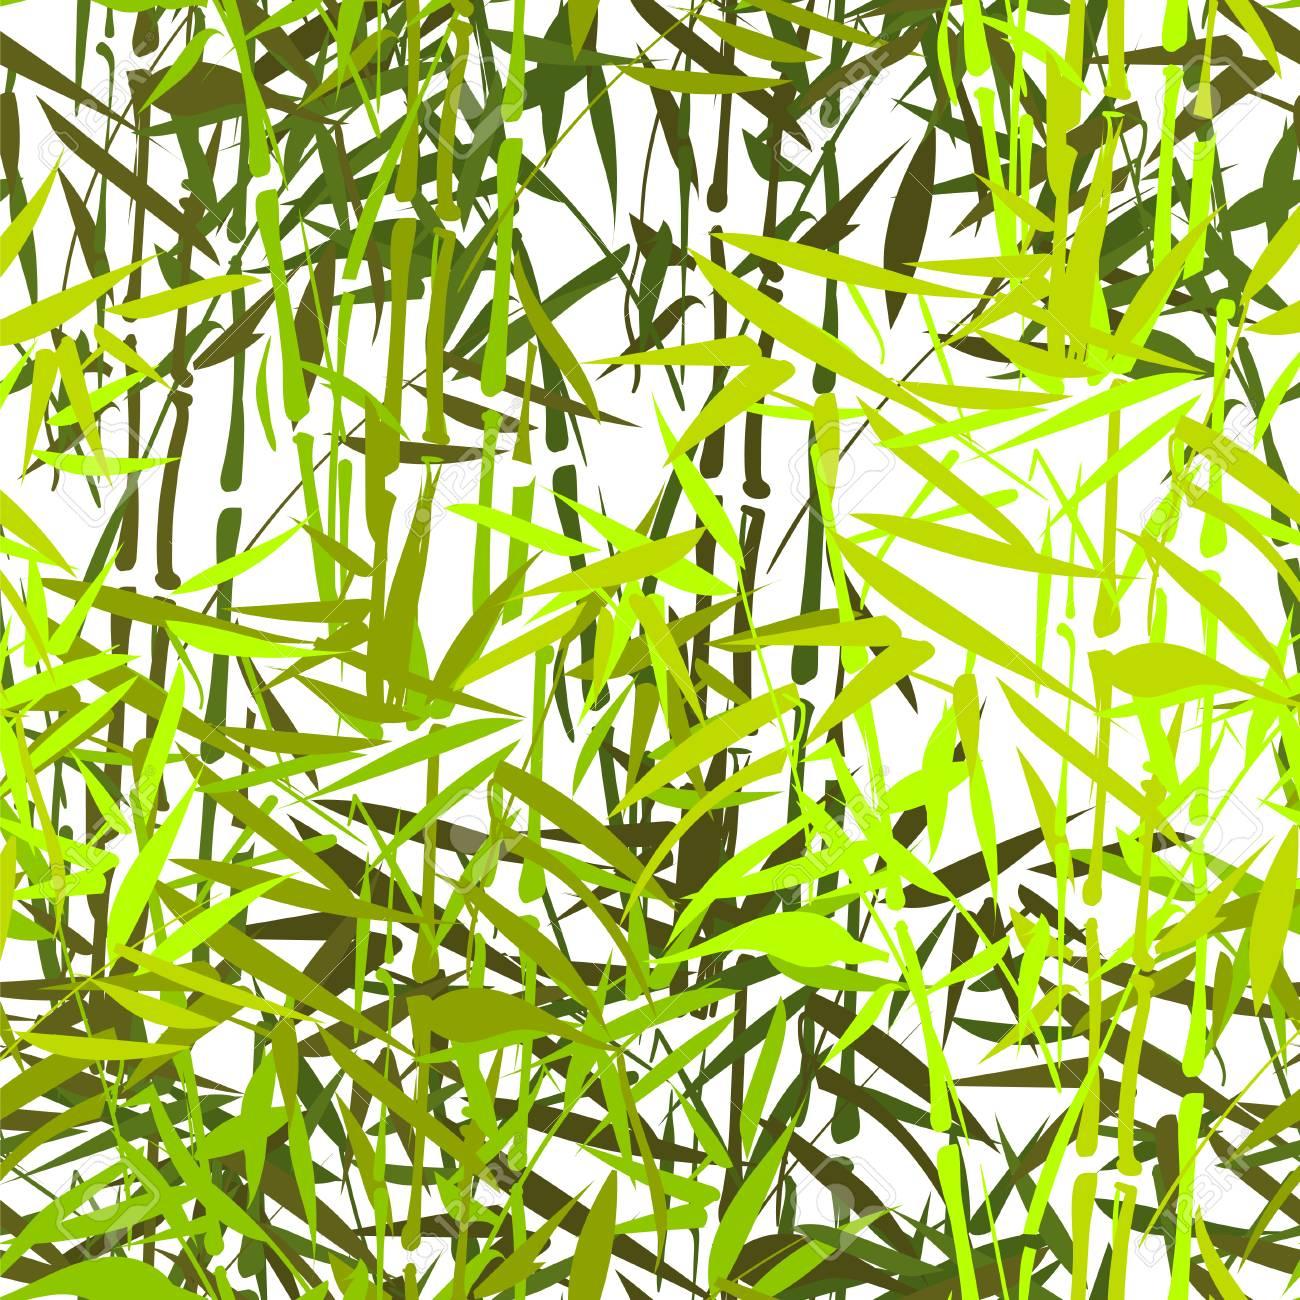 Tropischen Bambus Vektor Nahtlose Muster Auf Einem Weissen